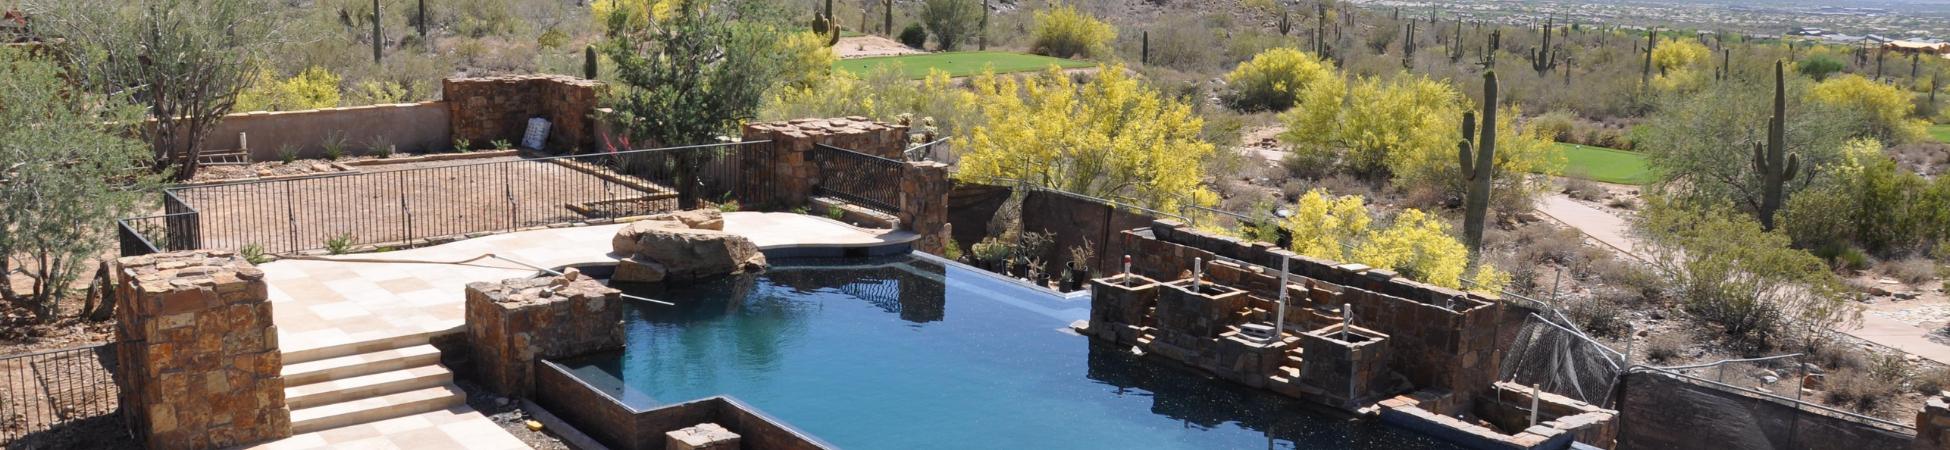 arizona homes with pools